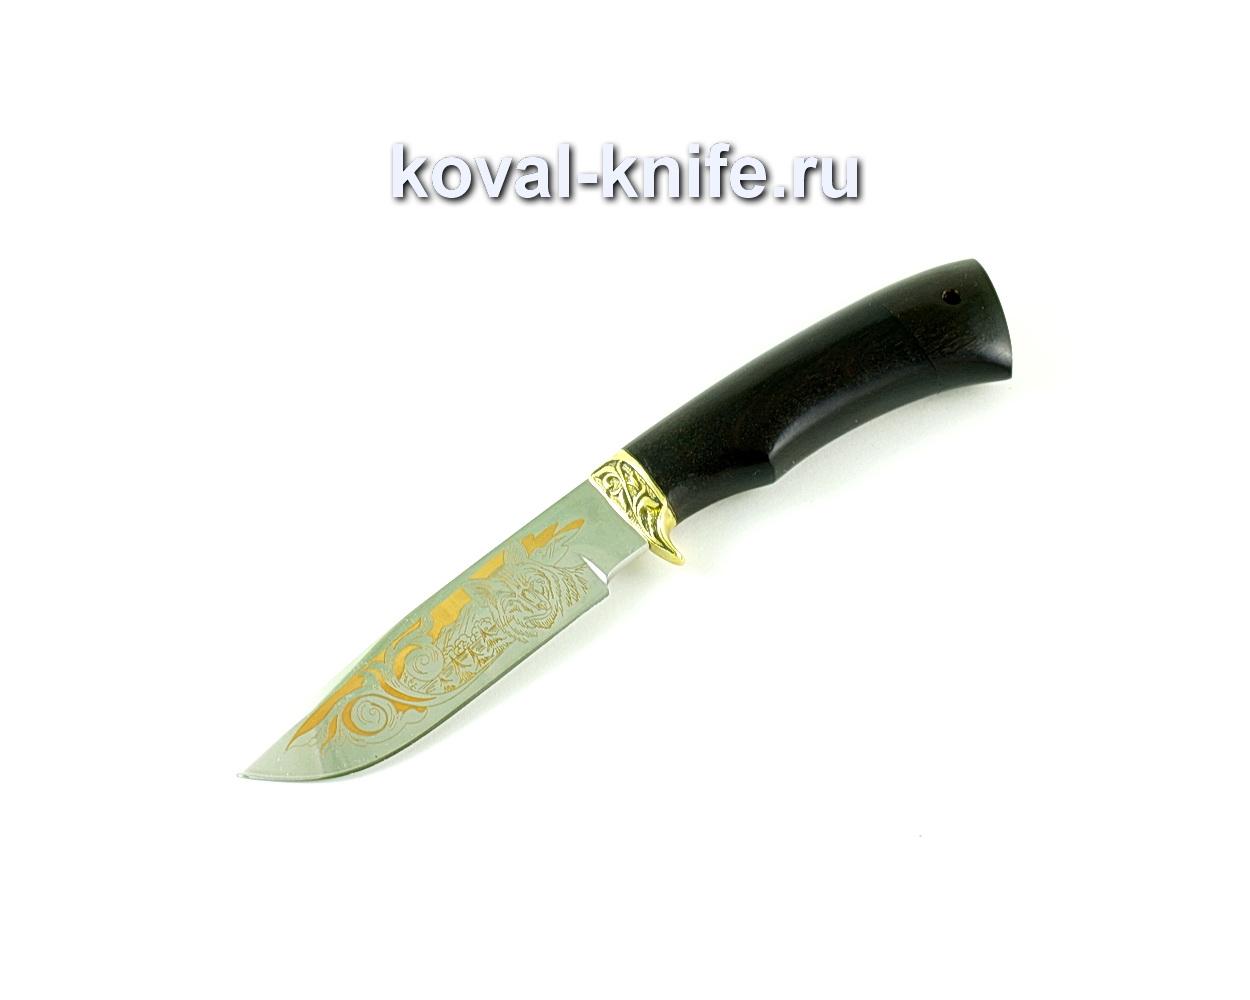 Нож Бигзод-мини (сталь 65х13), рукоять граб, литье A168